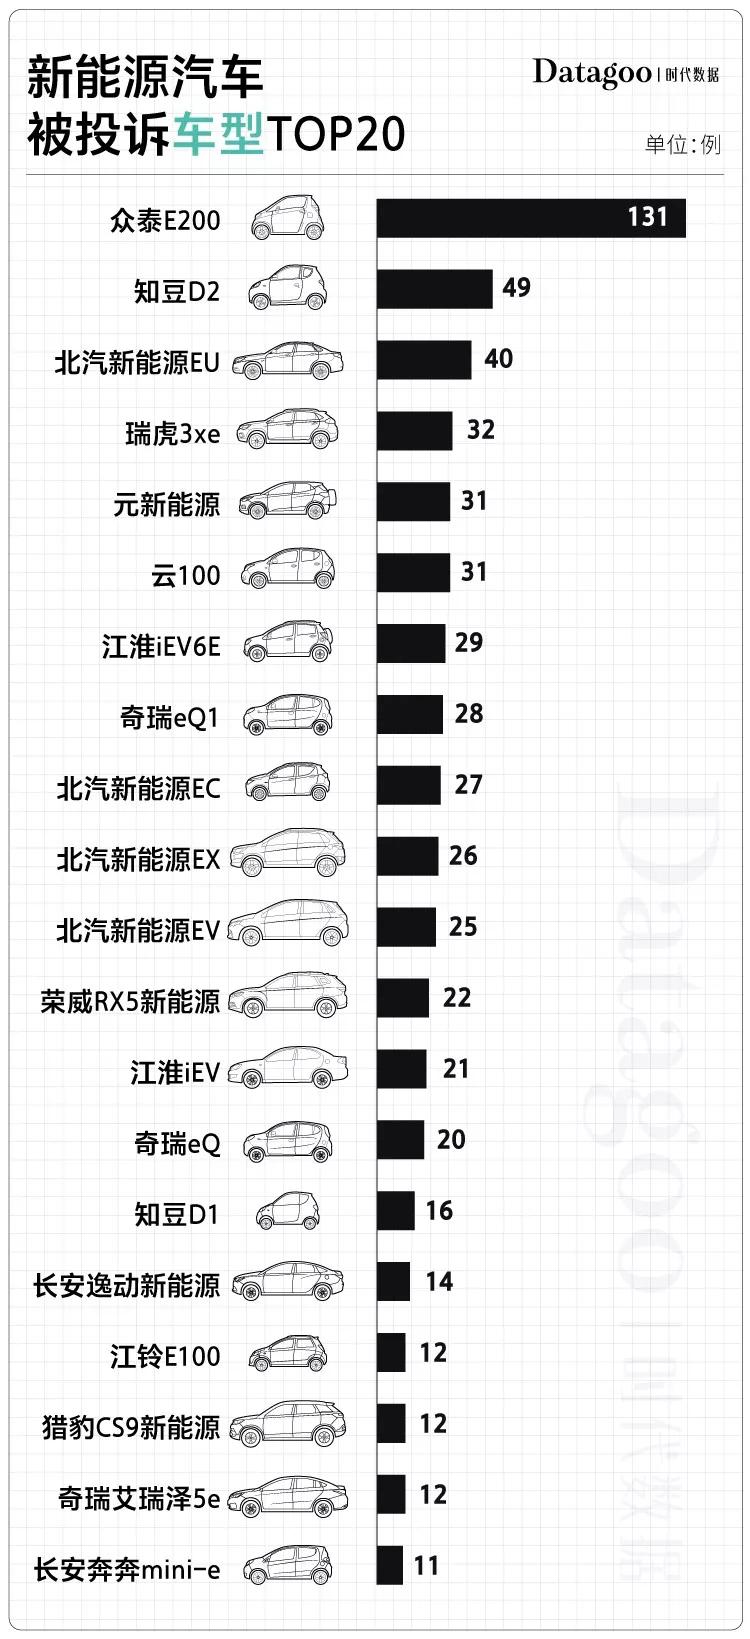 国产电动车投诉榜:众泰最不靠谱 北汽紧随其后